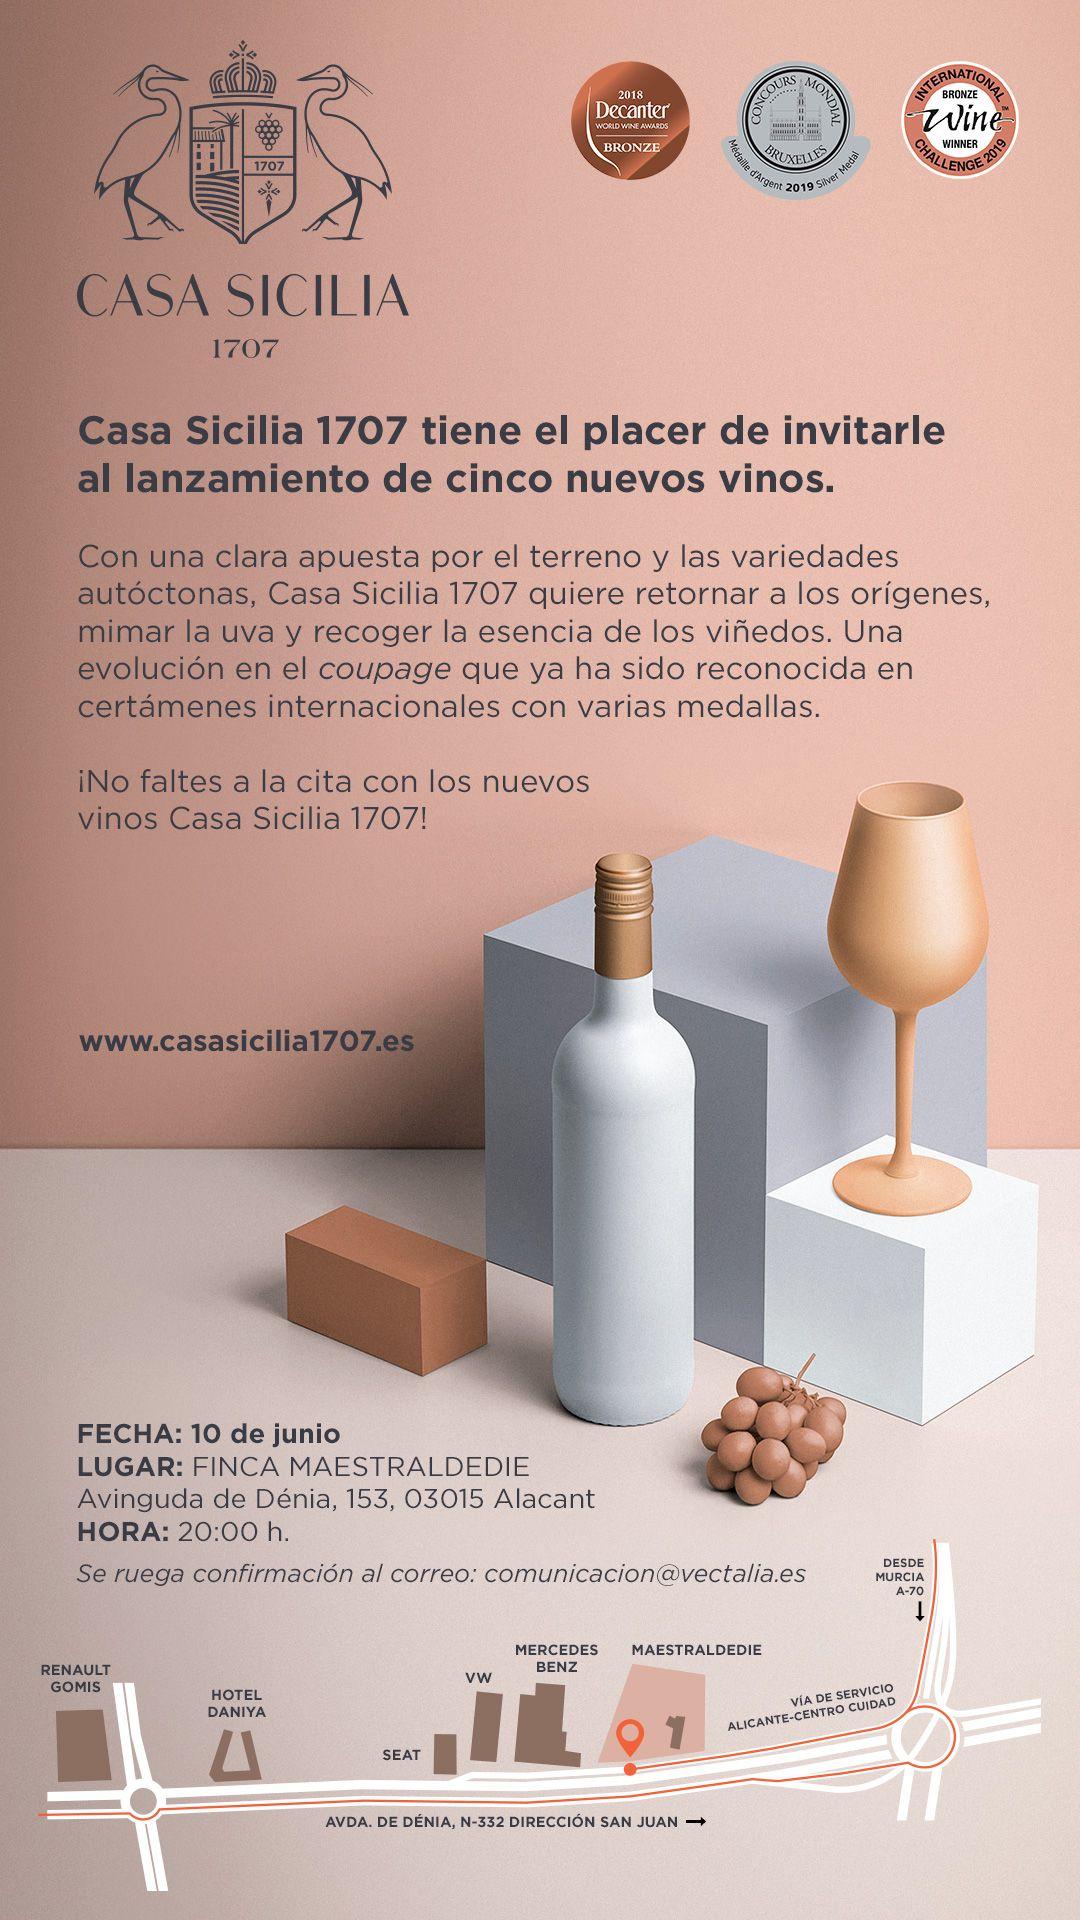 Invitación Casa Sicilia